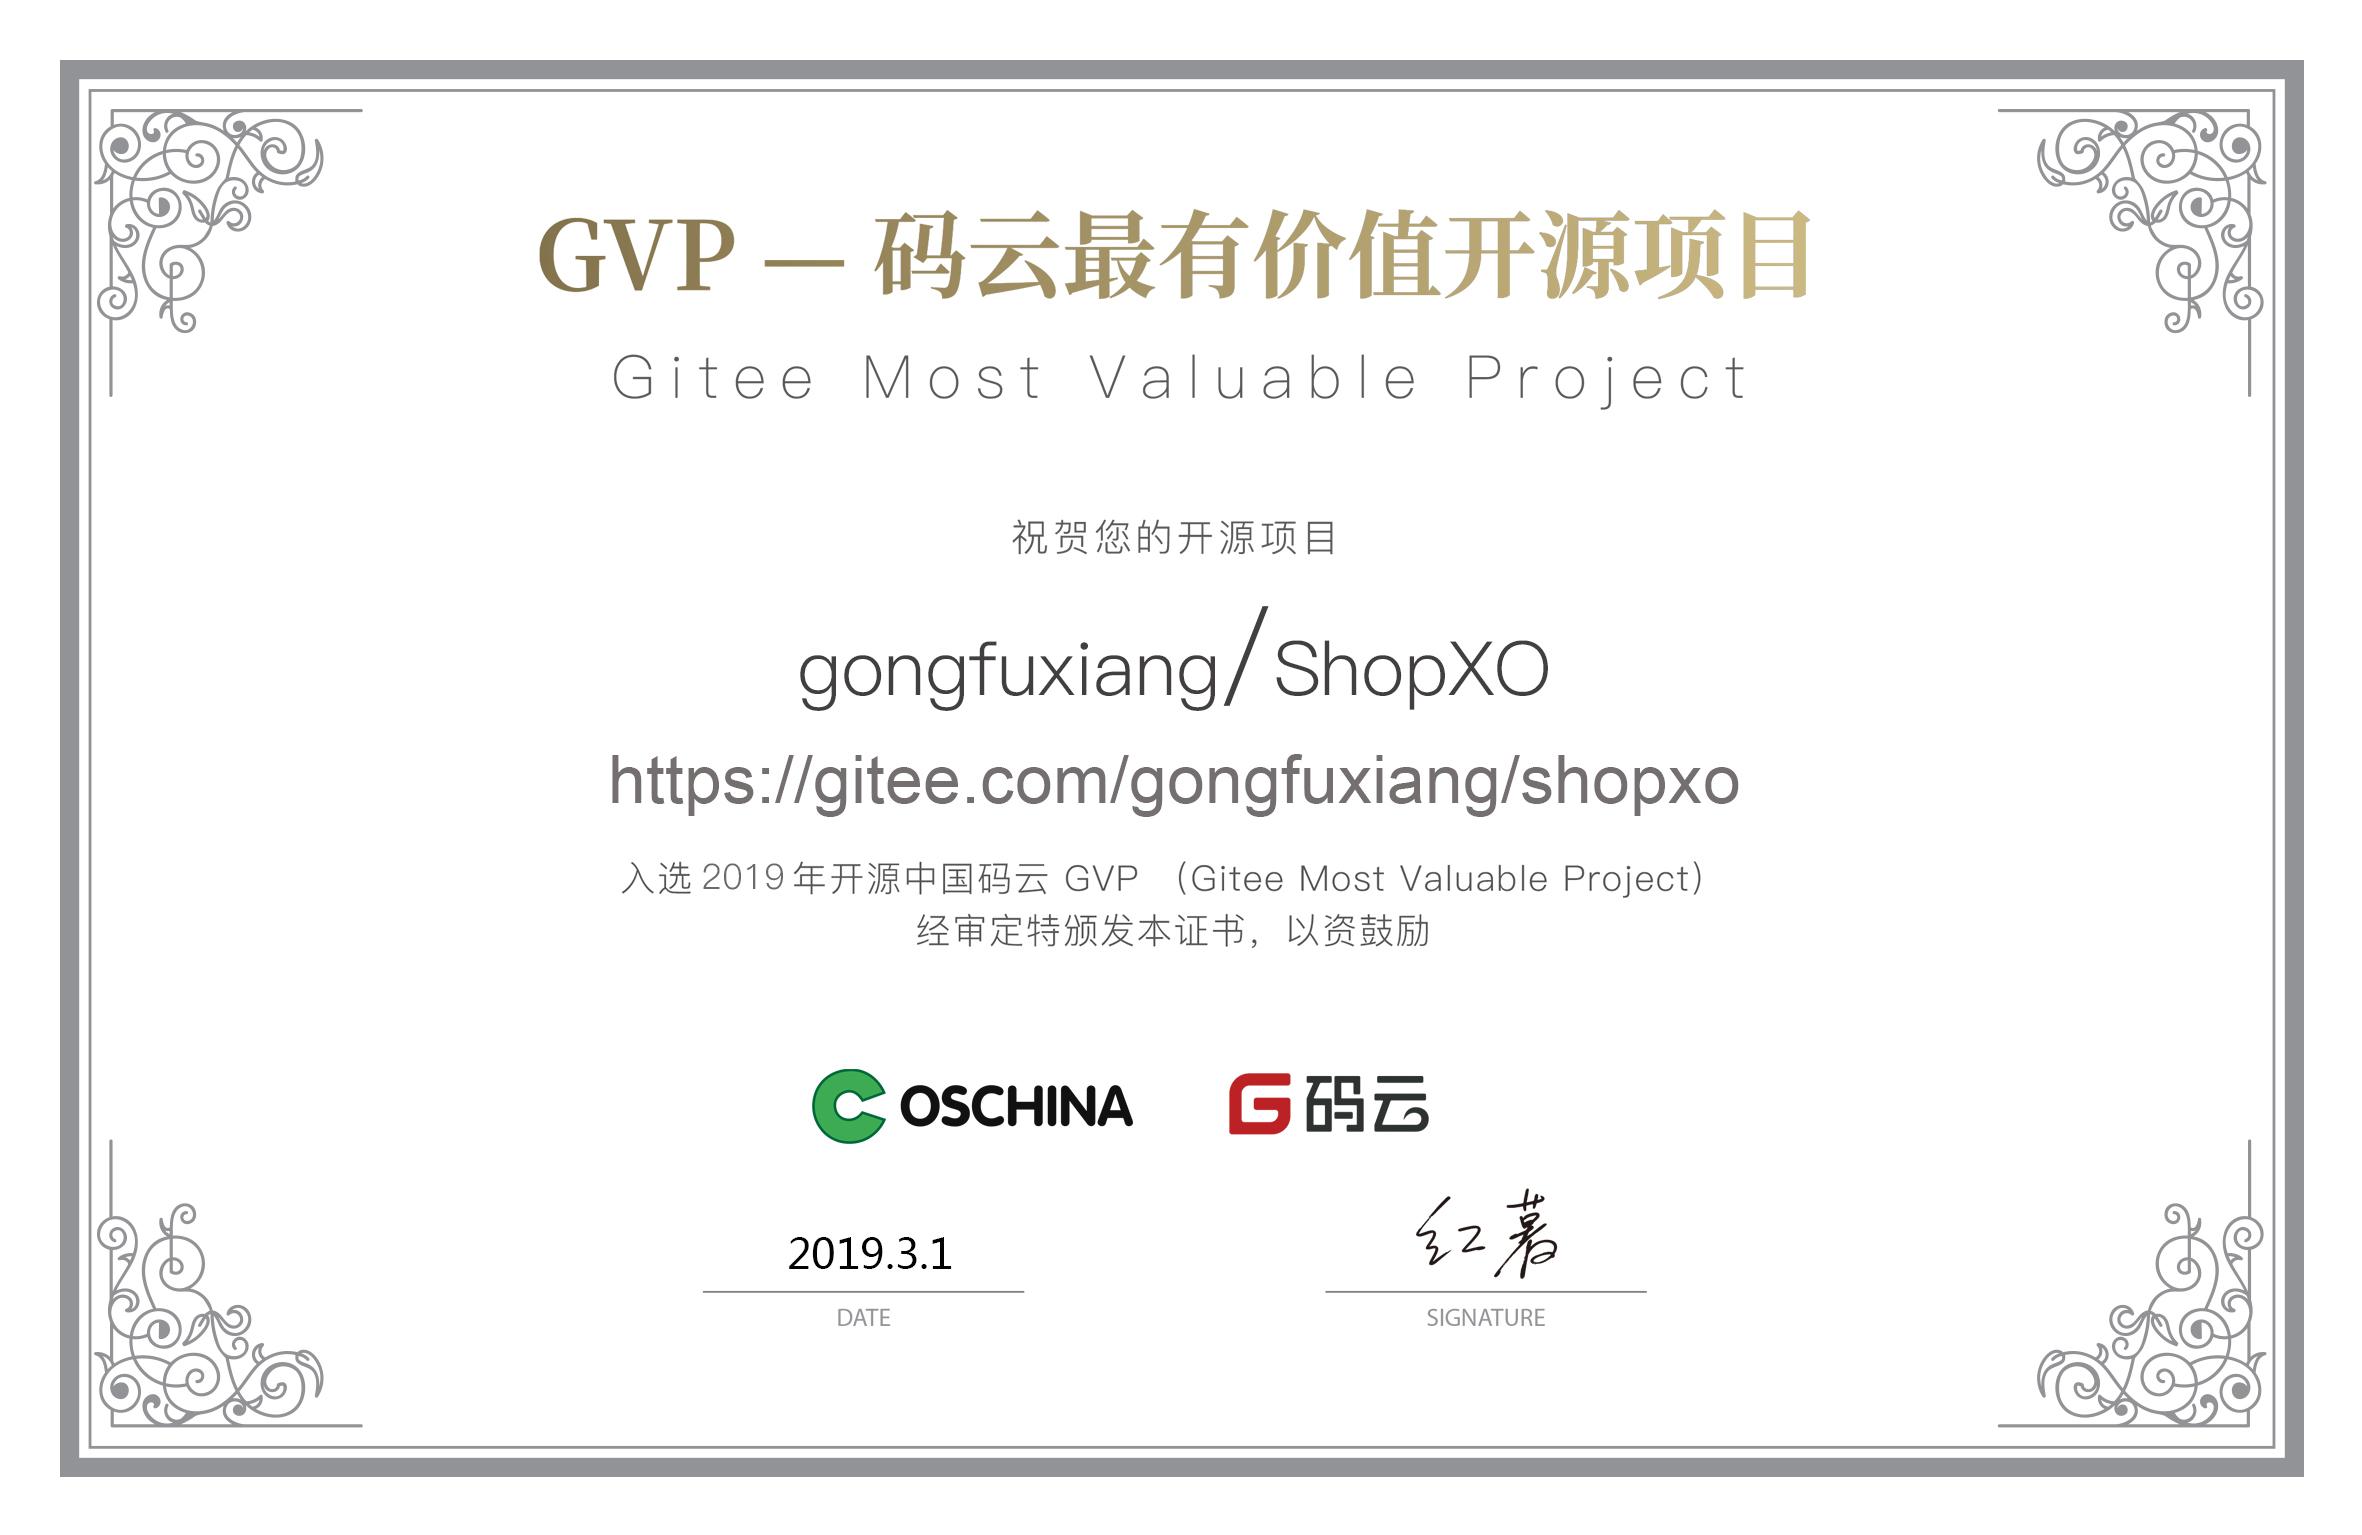 GVP 证书